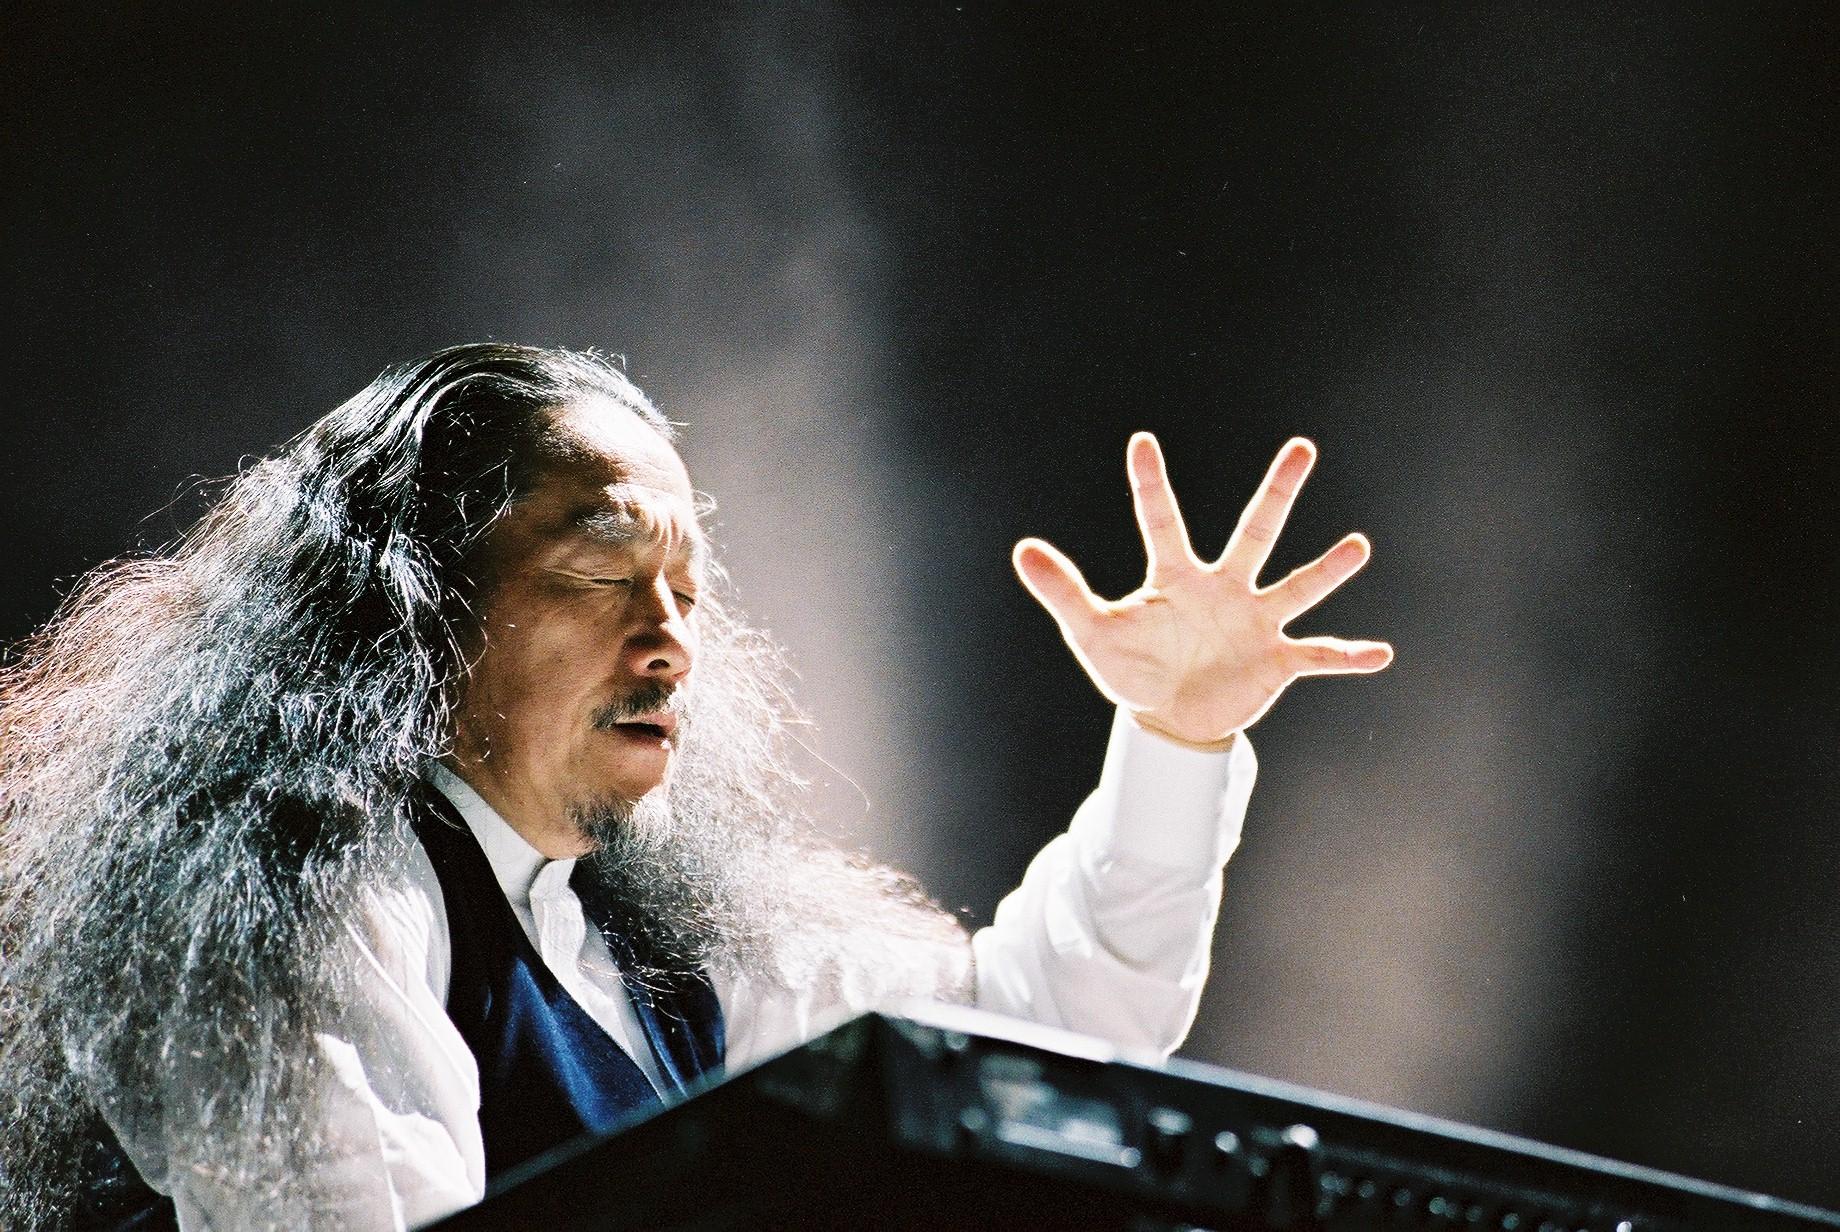 http://aliselvi.com/wp-content/uploads/2011/05/kitaro.jpg